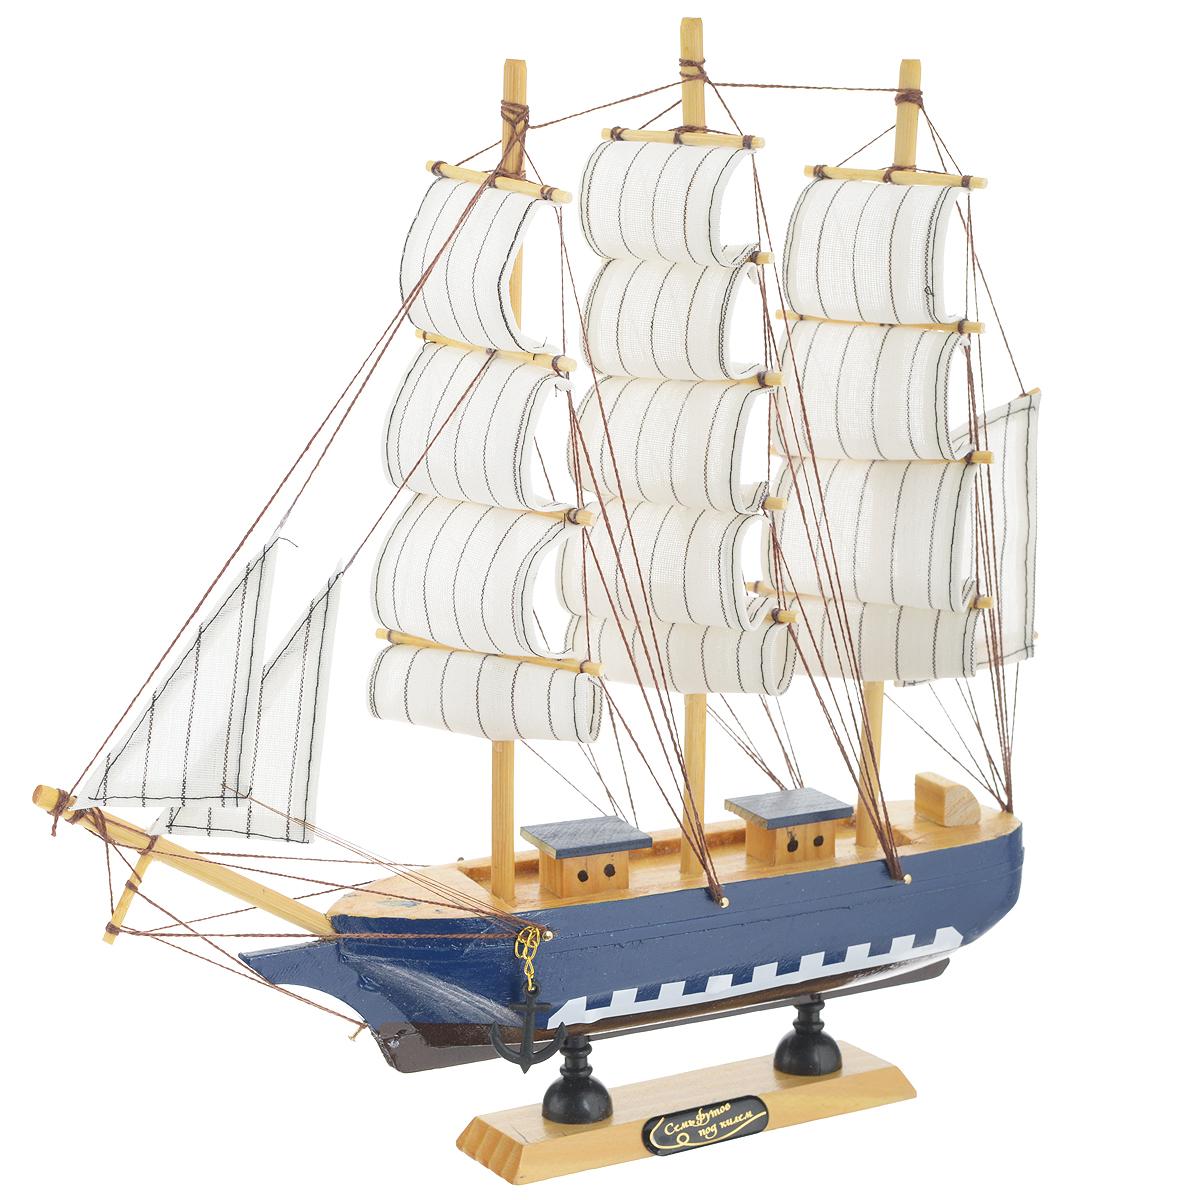 Корабль сувенирный Семь футов под килем, длина 31см. 417199 футболка классическая printio 7 футов под килем